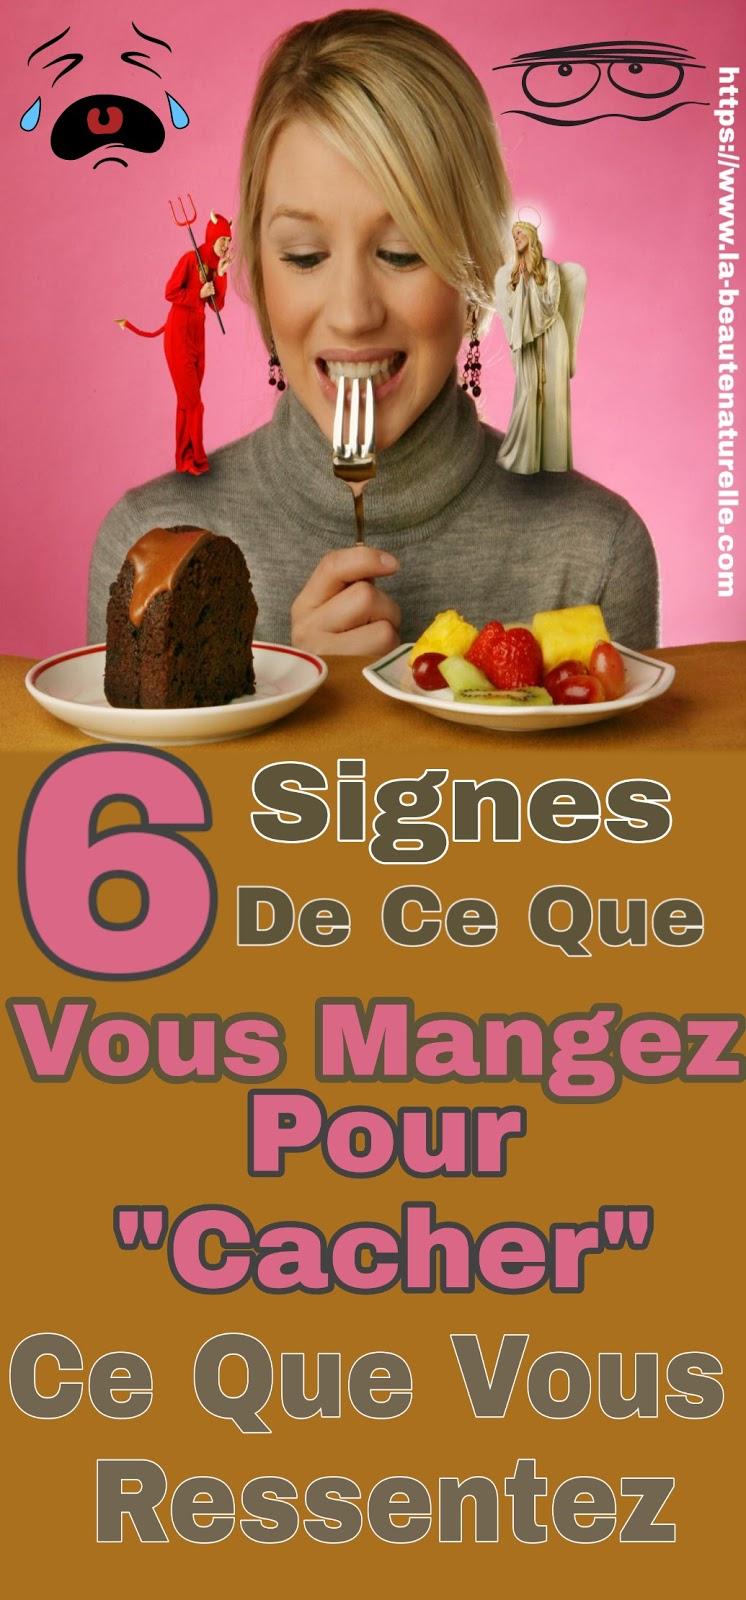 """6 Signes De Ce Que Vous Mangez Pour """"Cacher"""" Ce Que Vous Ressentez"""